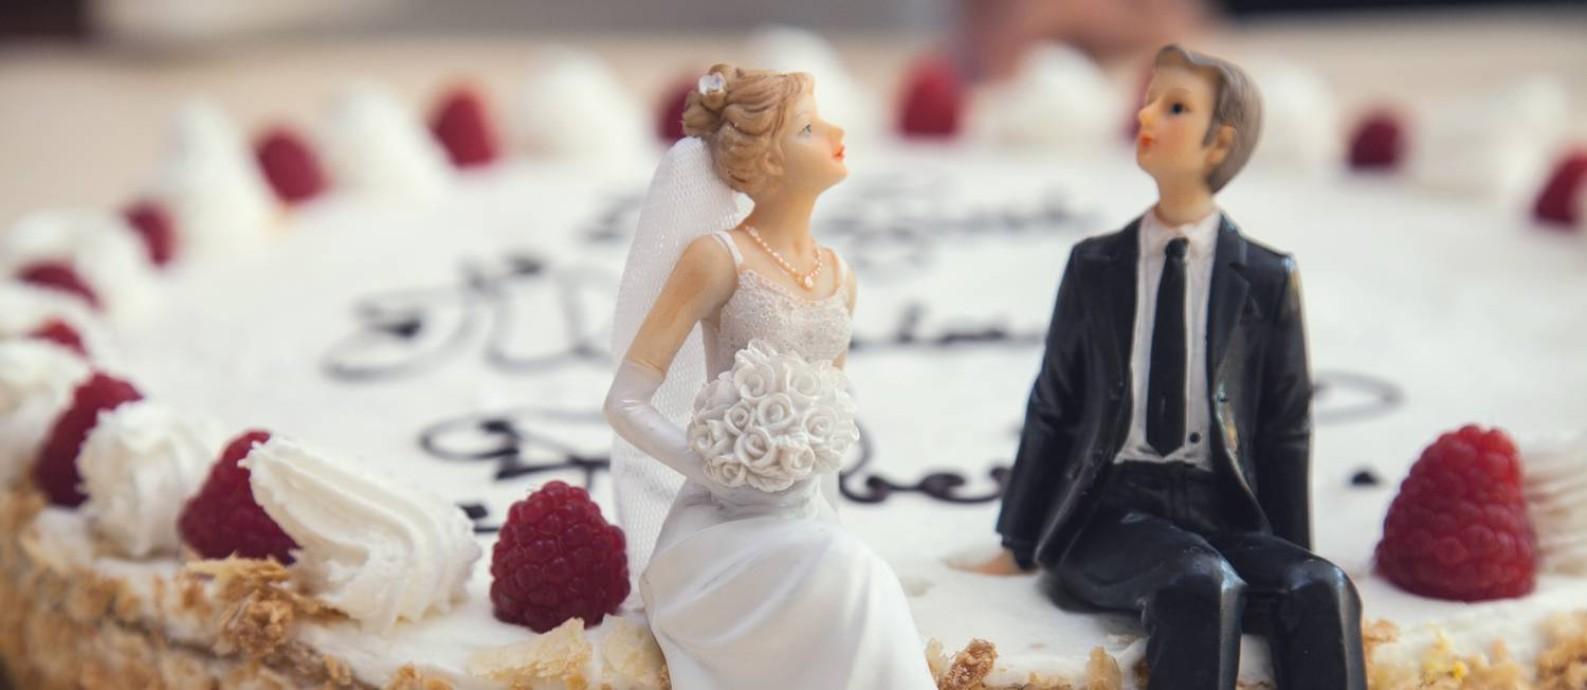 Dicas para os noivos preservarem o patrimônio Foto: Pixabay